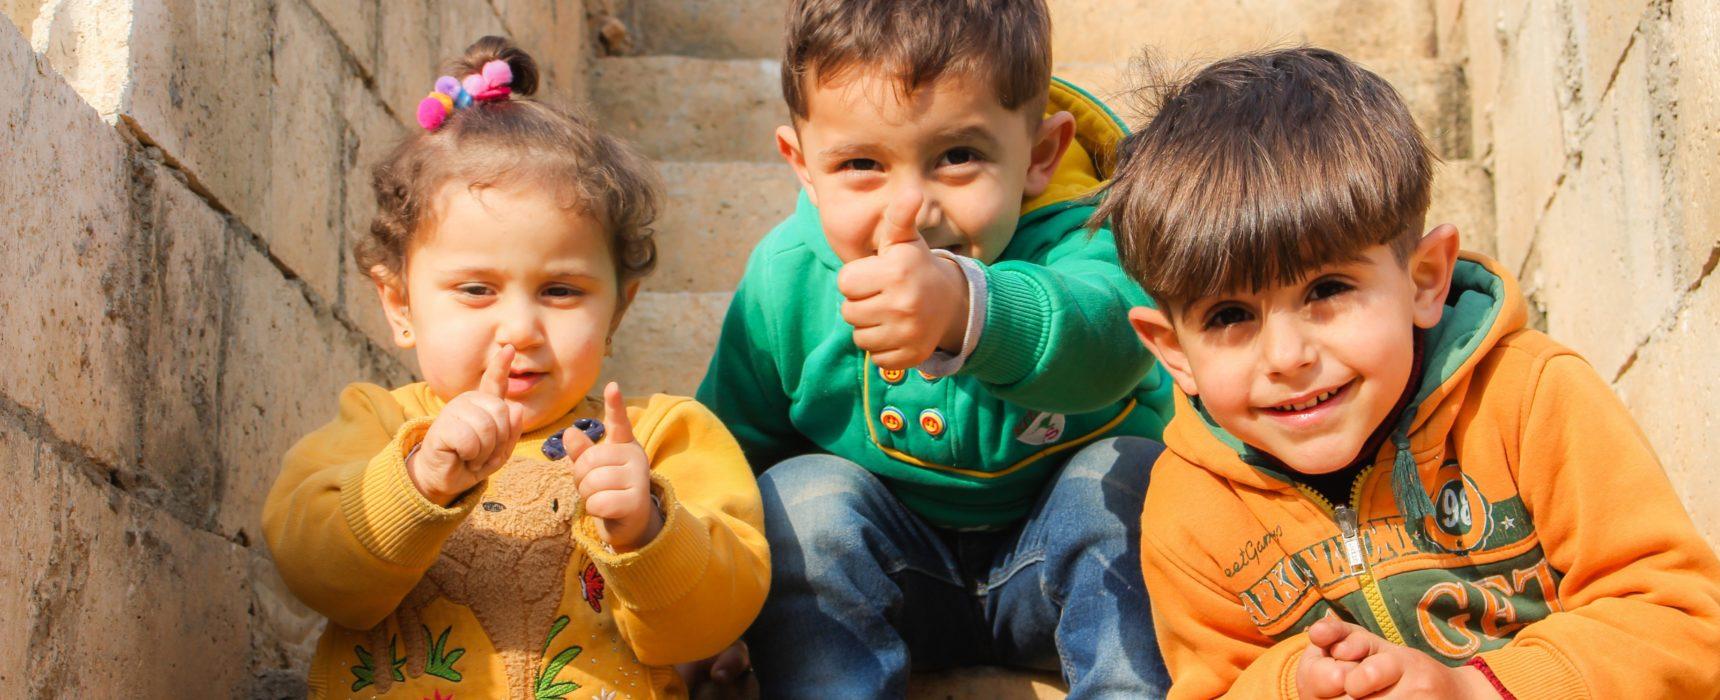 Kinder finden qualitätsgeprüfte Ferienagebote supercool.